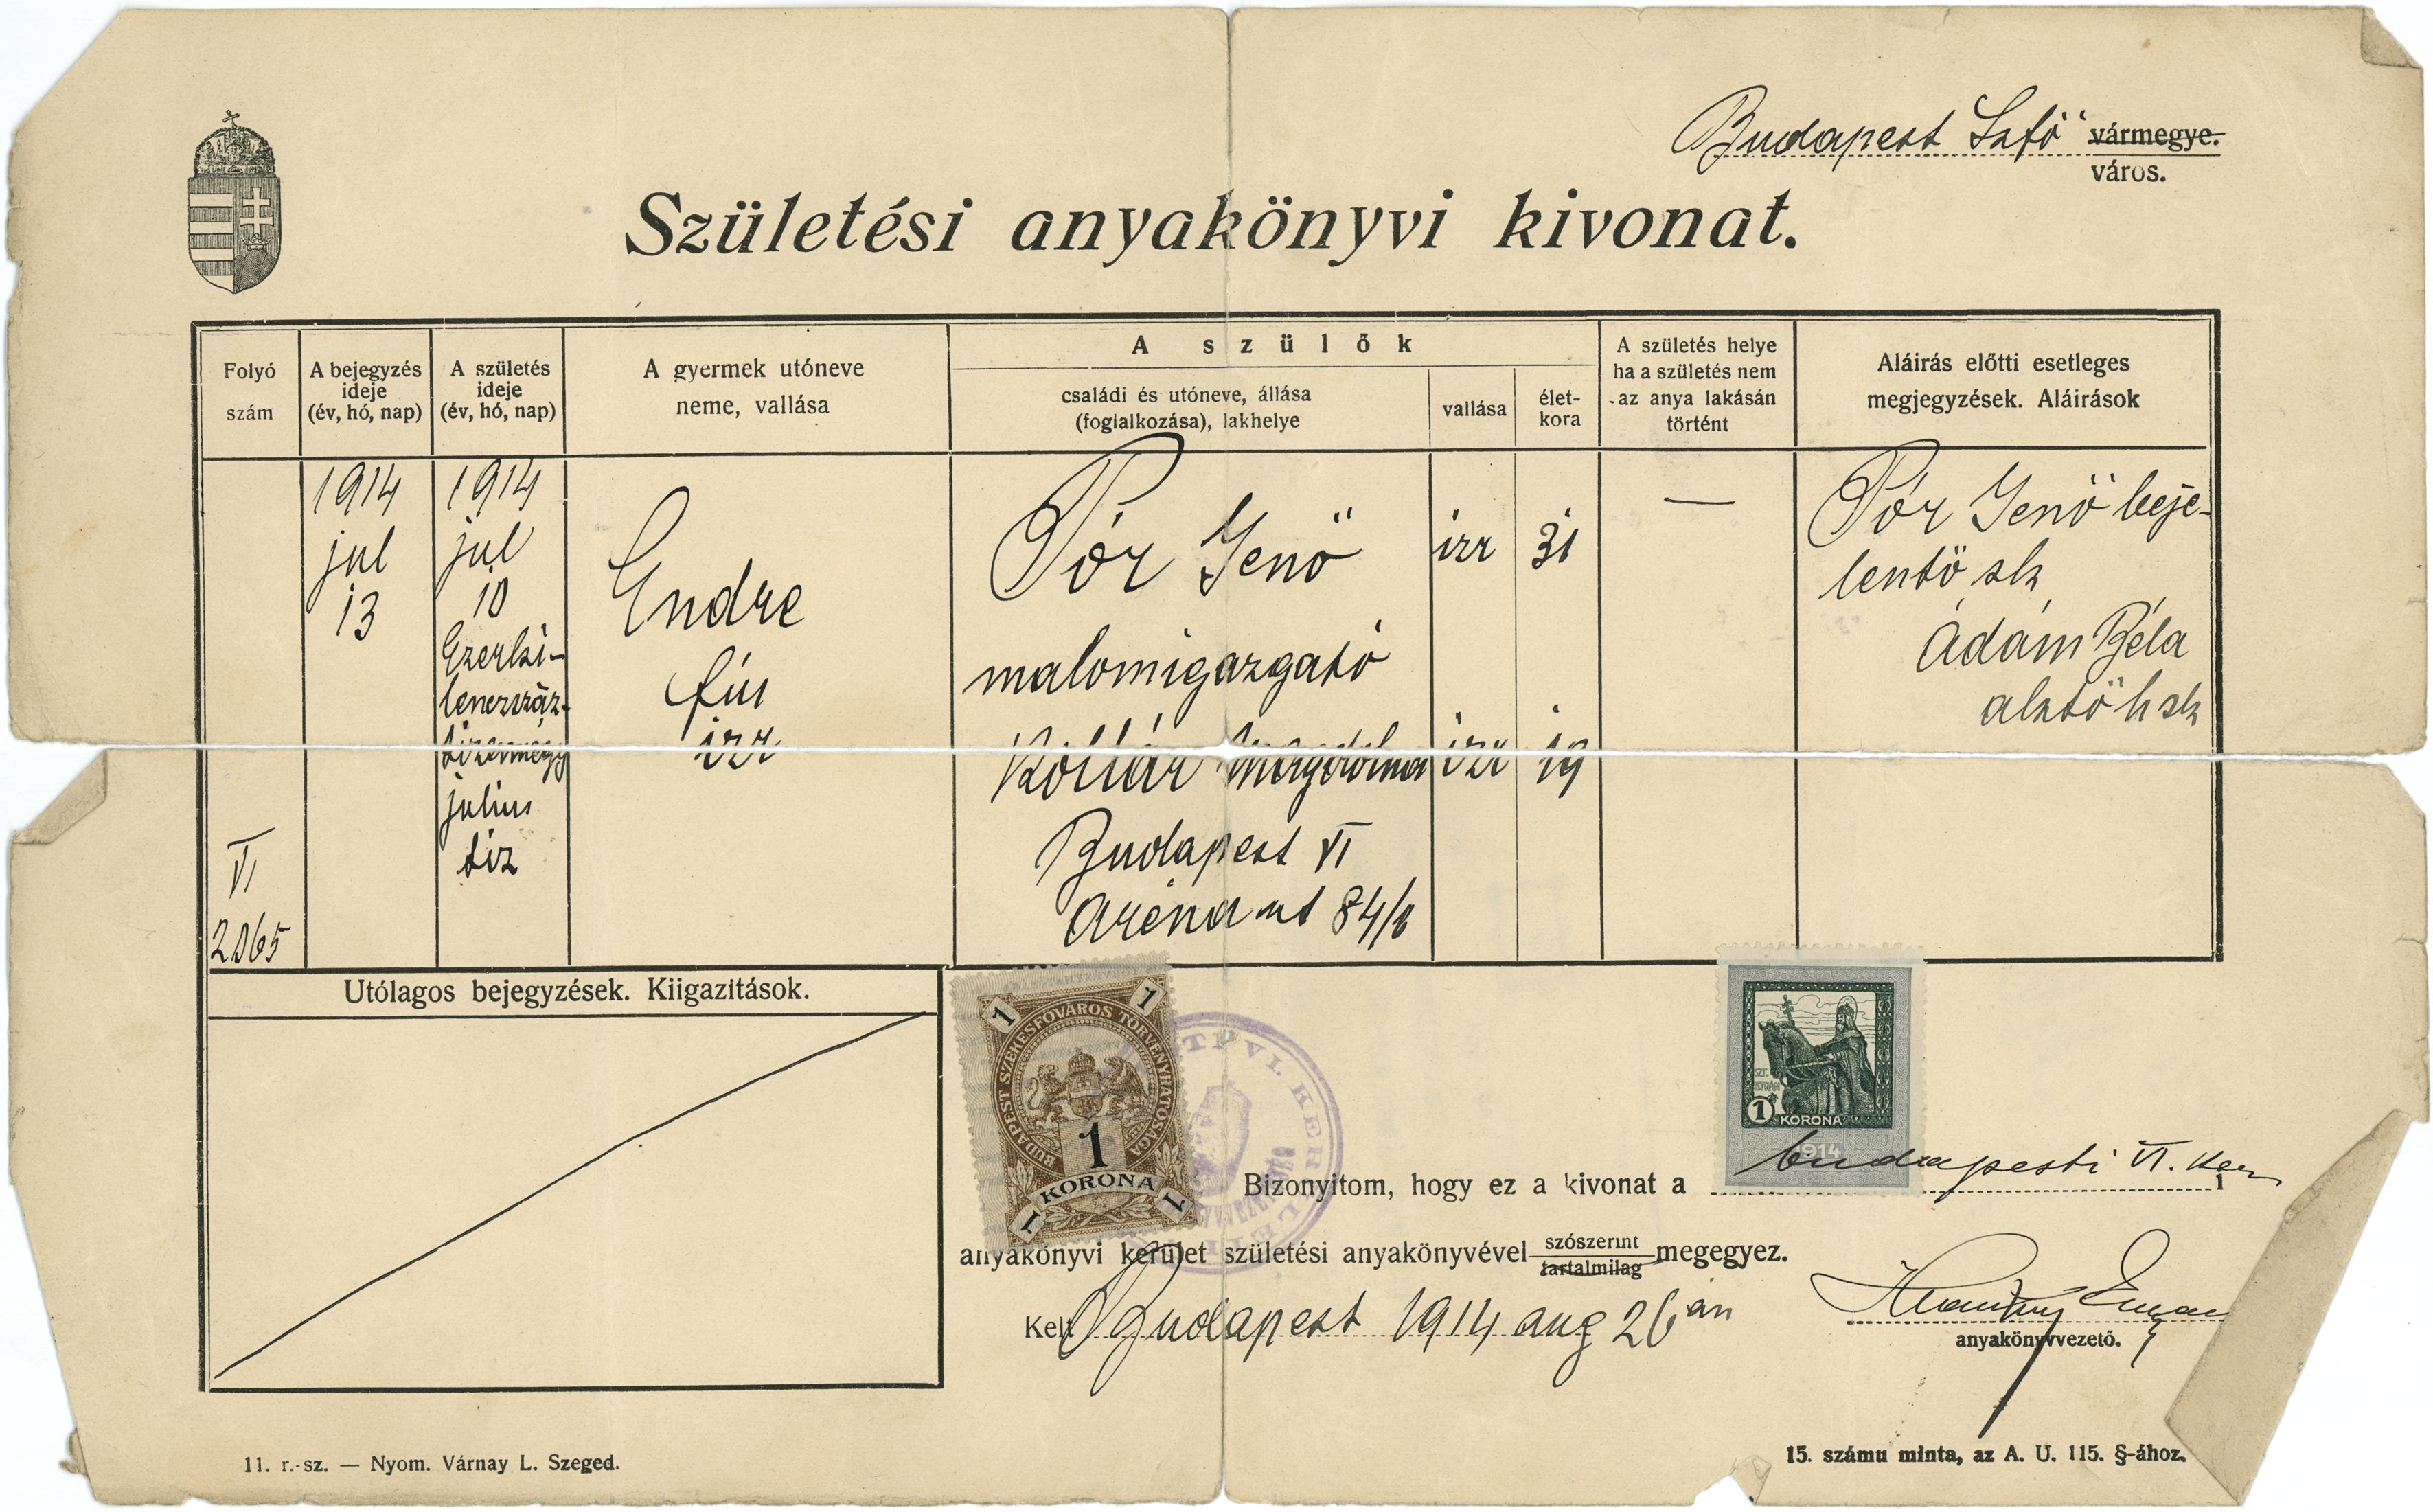 Pór Endre születési anyakönyvi kivonata